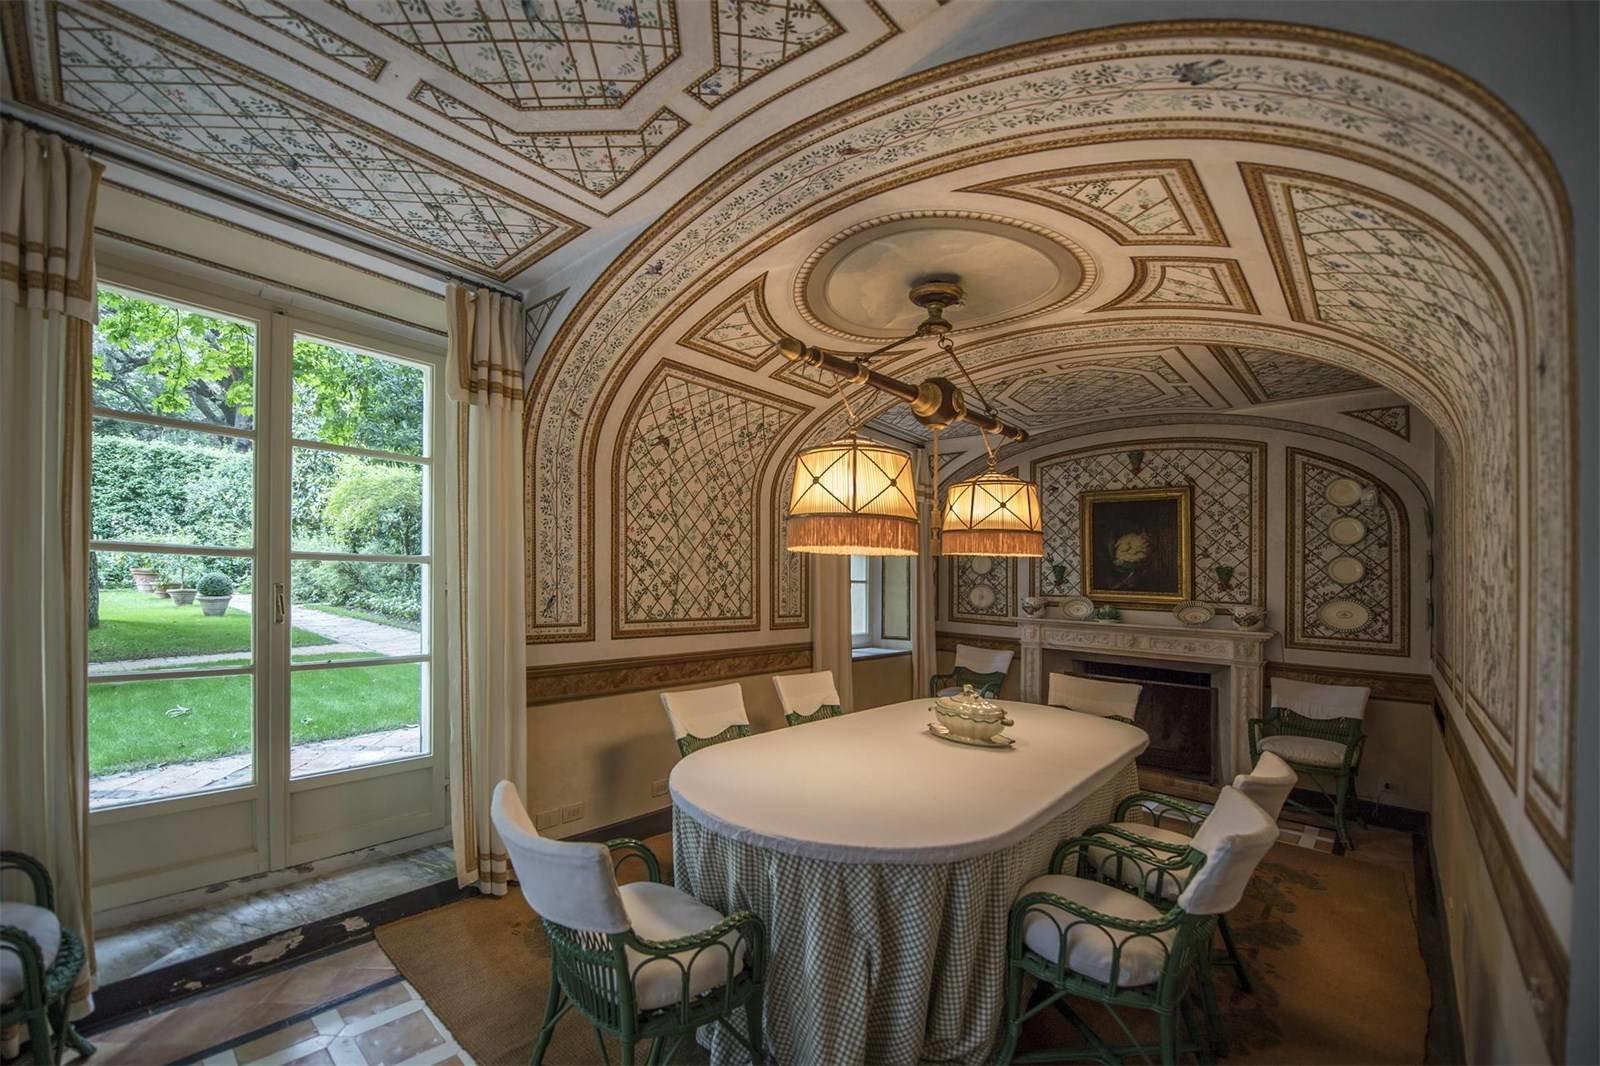 Villa La Vagnola Renzo Mongiardino dining